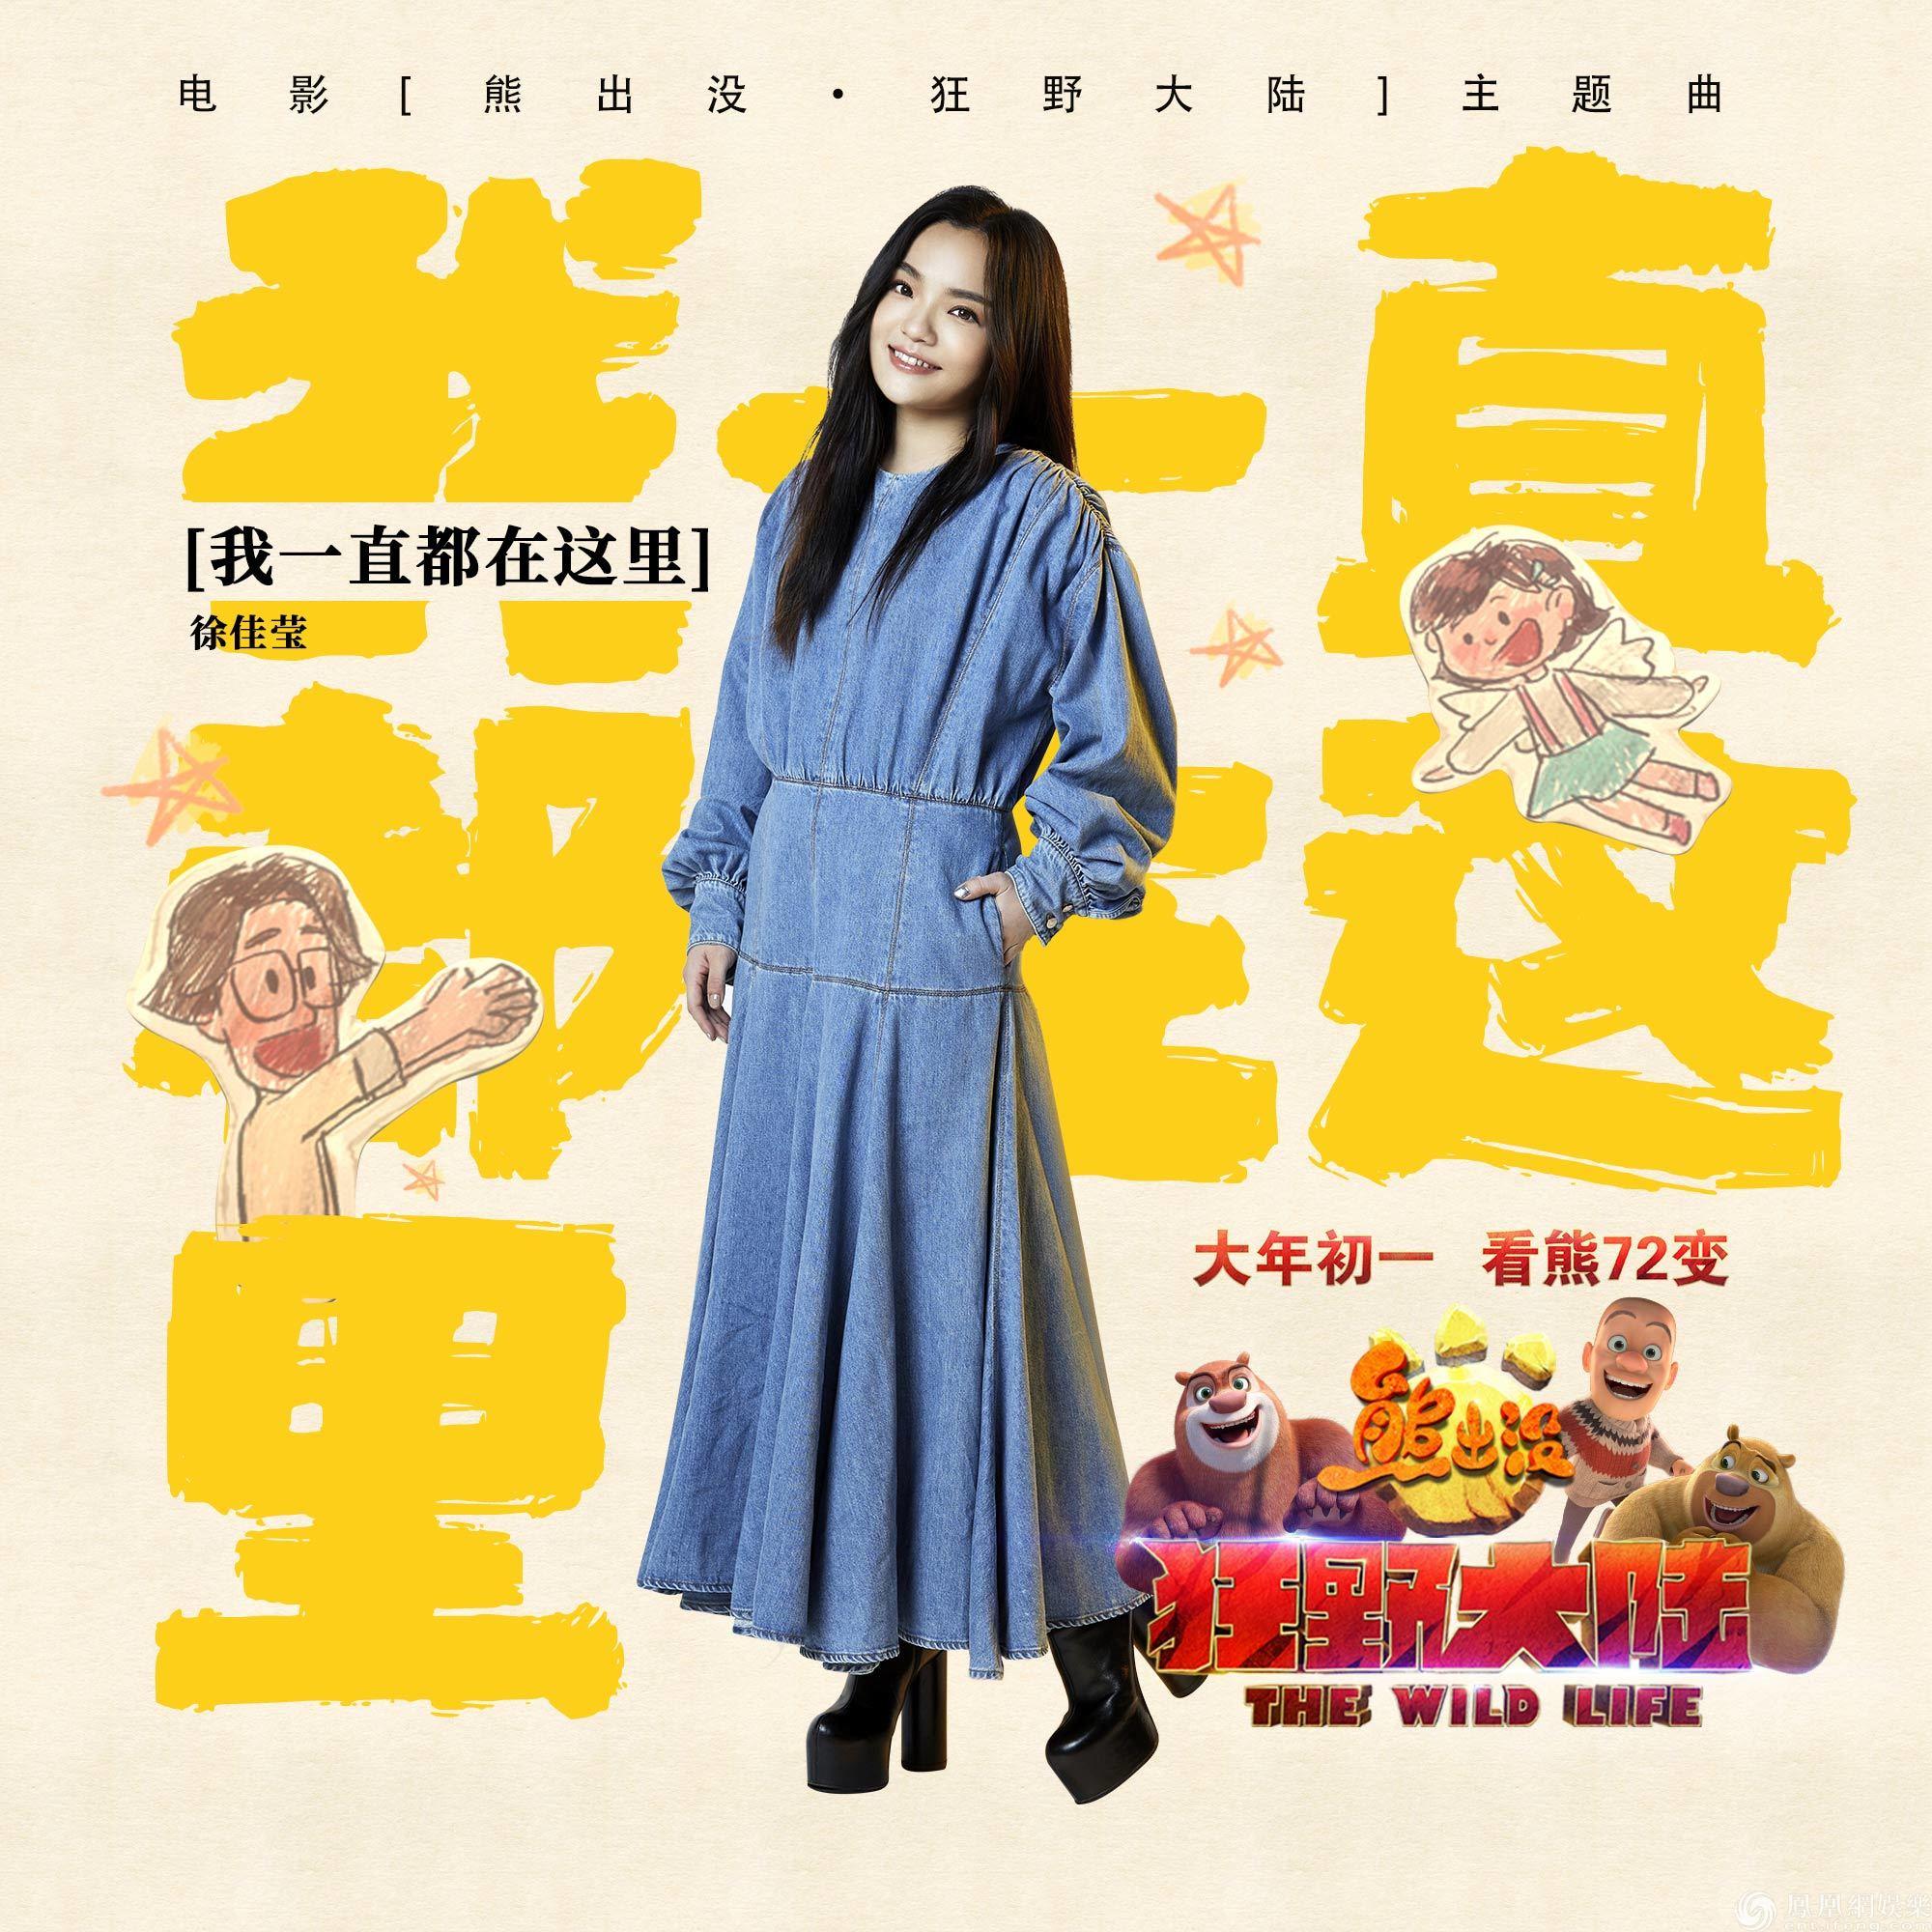 《熊出沒·狂野大陸》曝徐佳瑩主題曲MV 父女情引共鳴